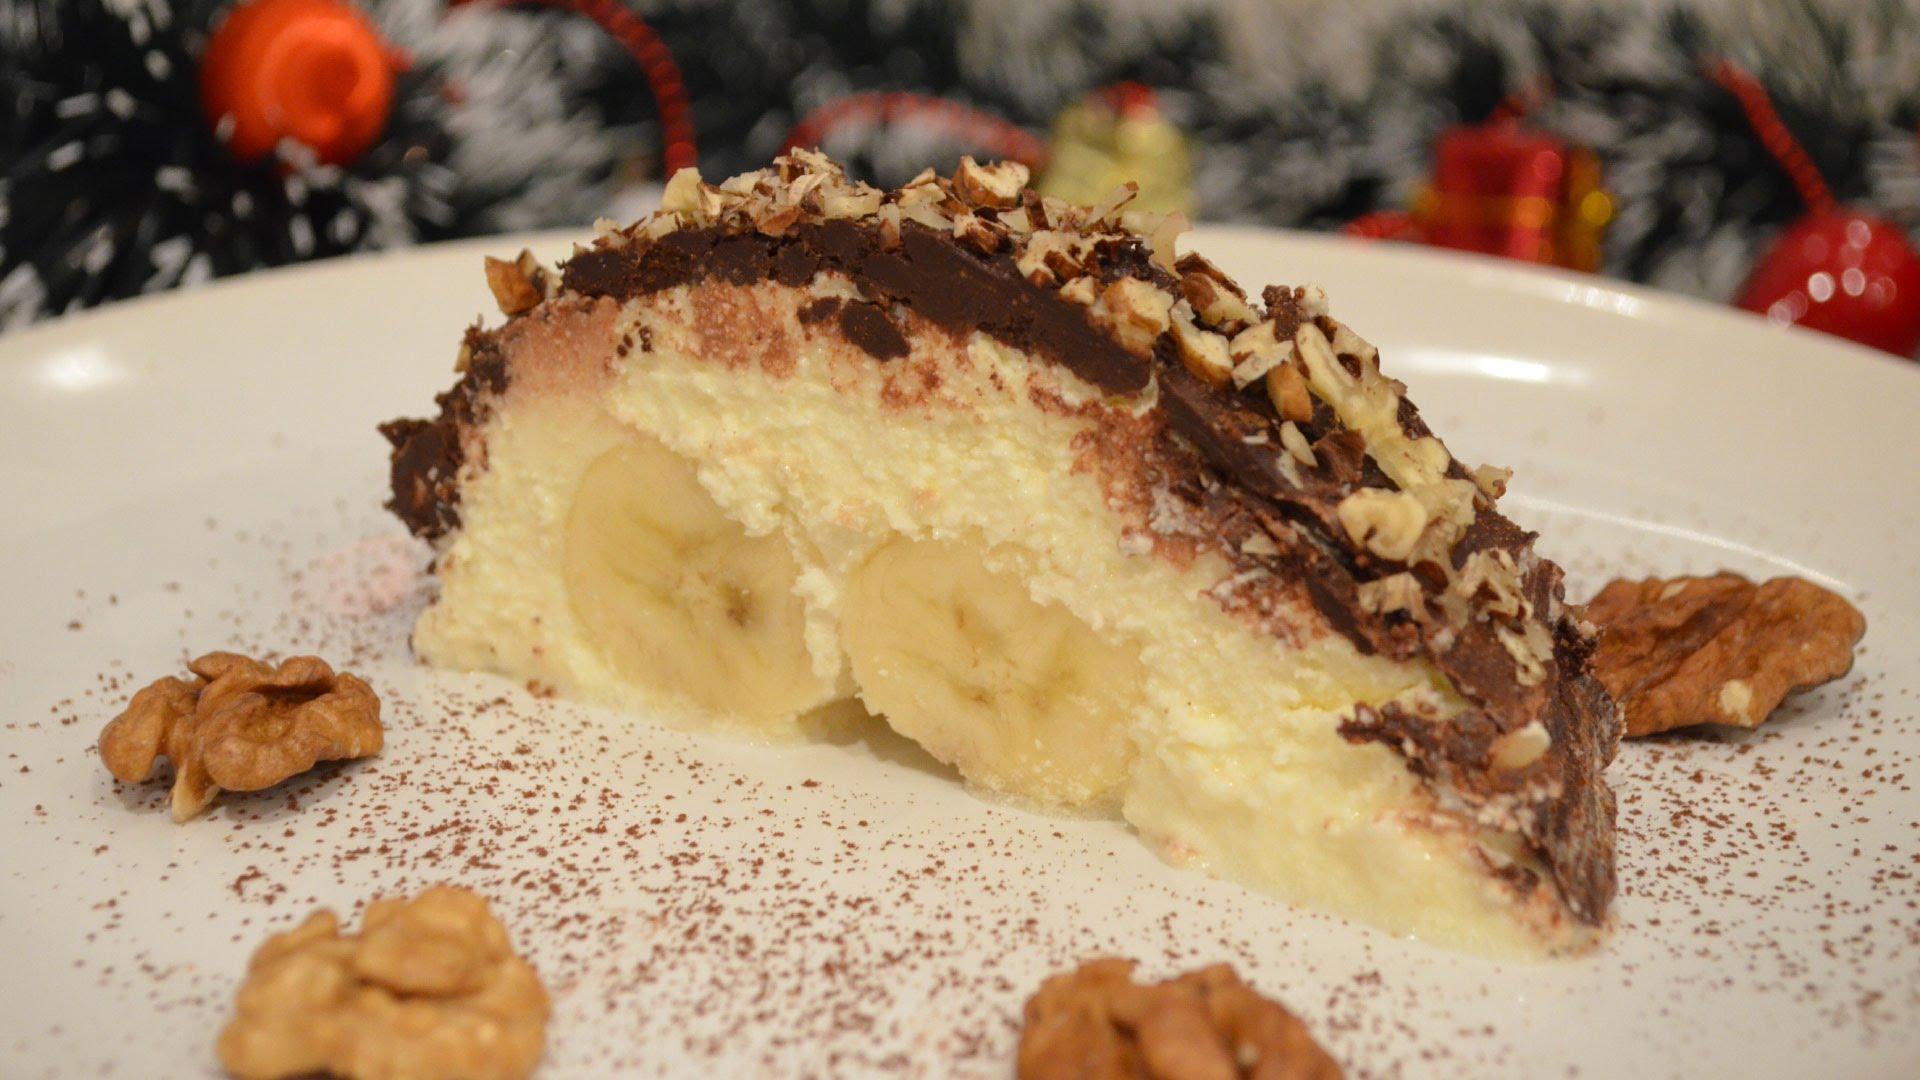 бананово творожный десерт рецепт с фото читатели, известны